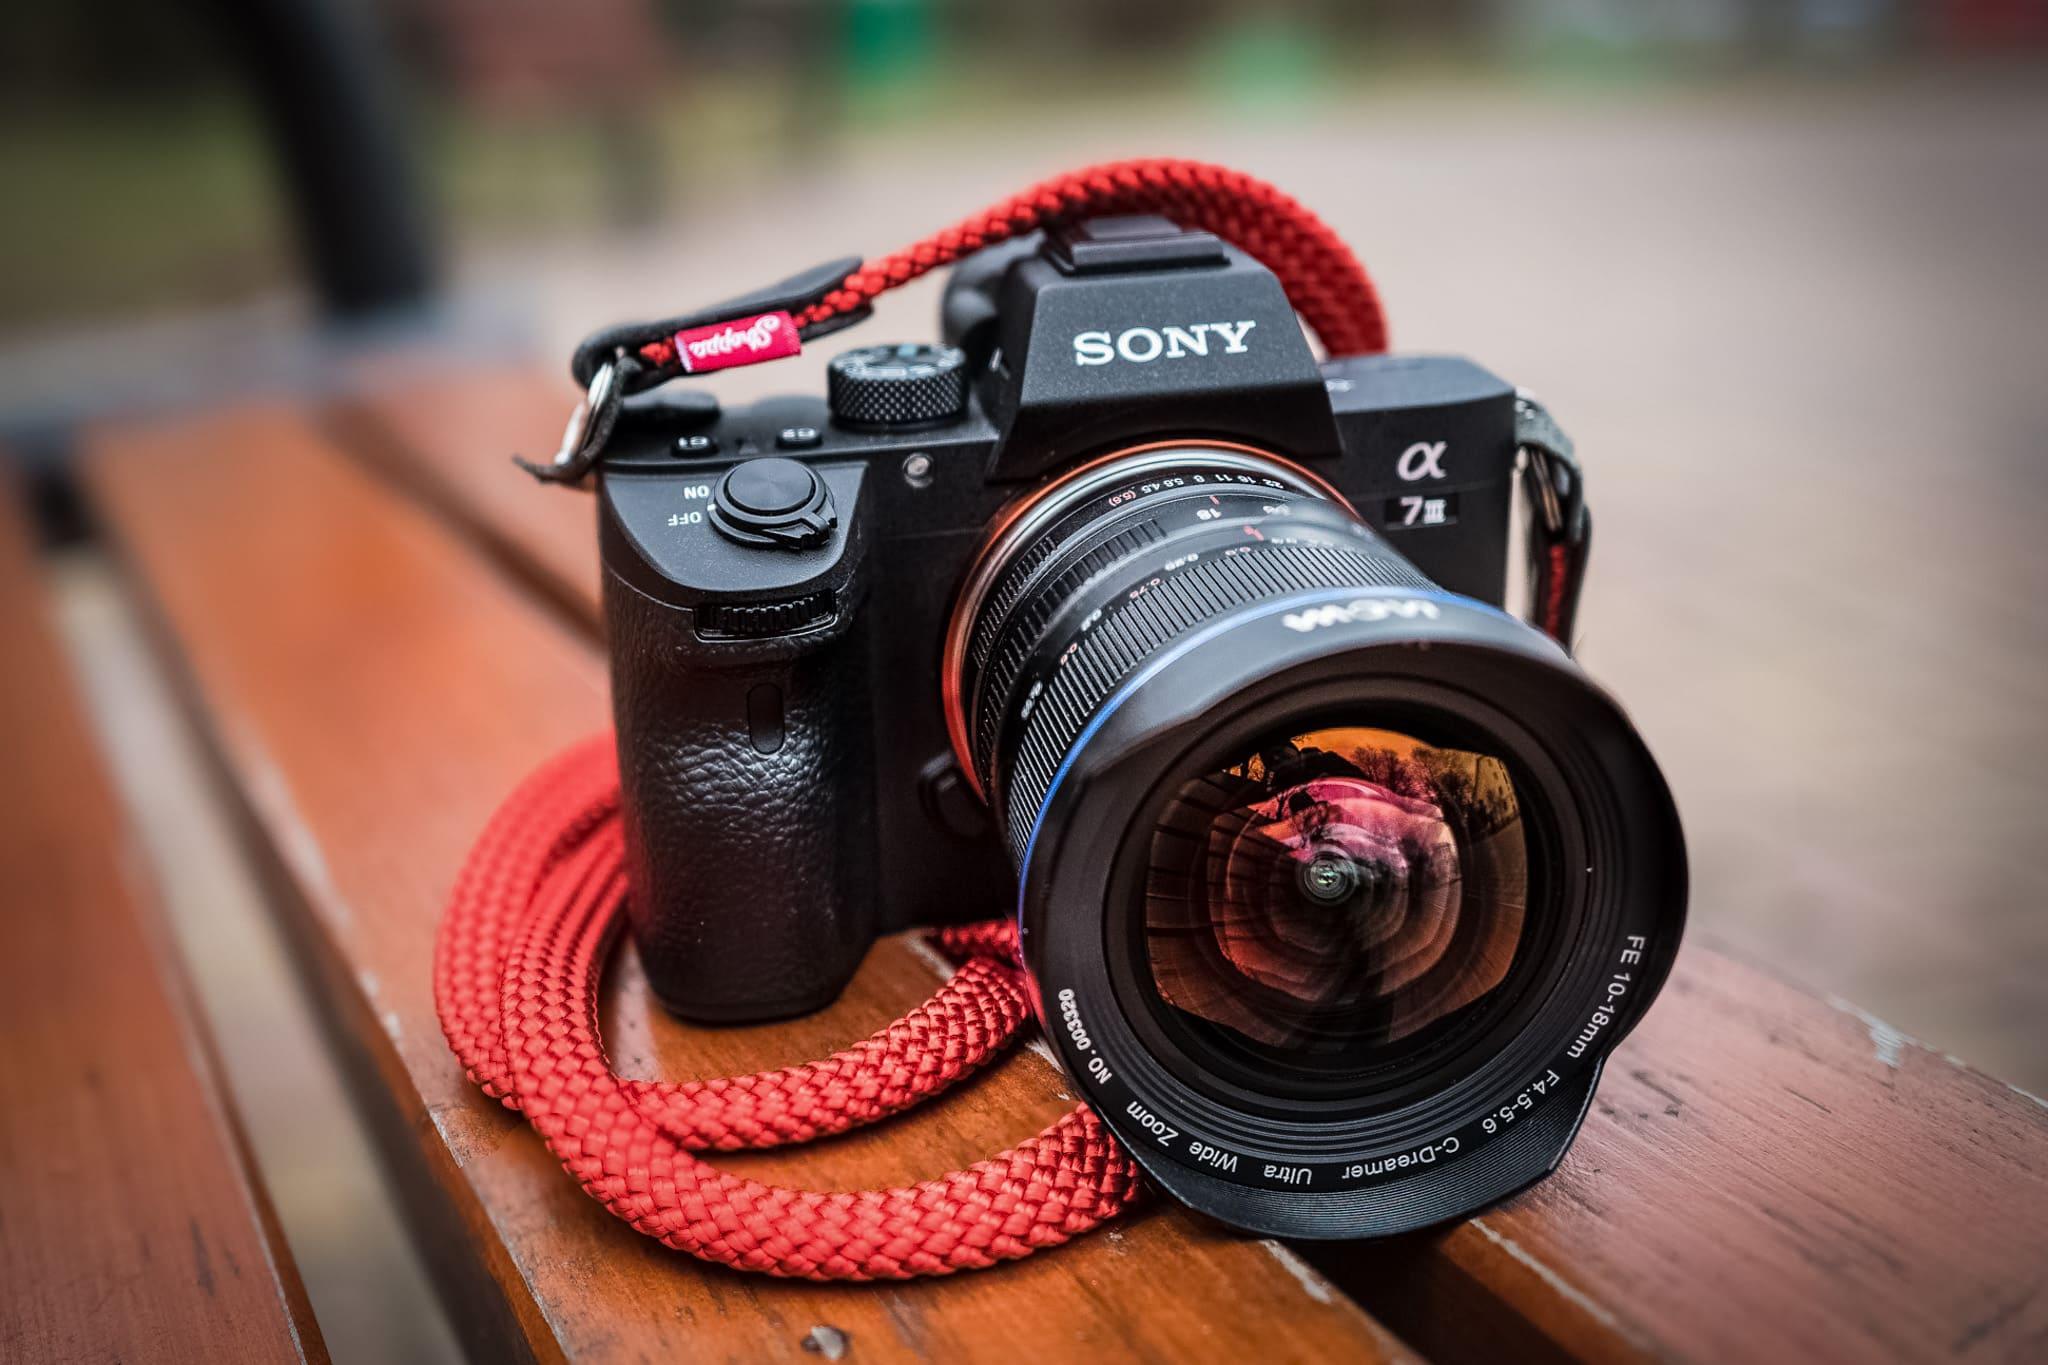 Laowa 10-18mm f/4.5-5.6 FE Zoom